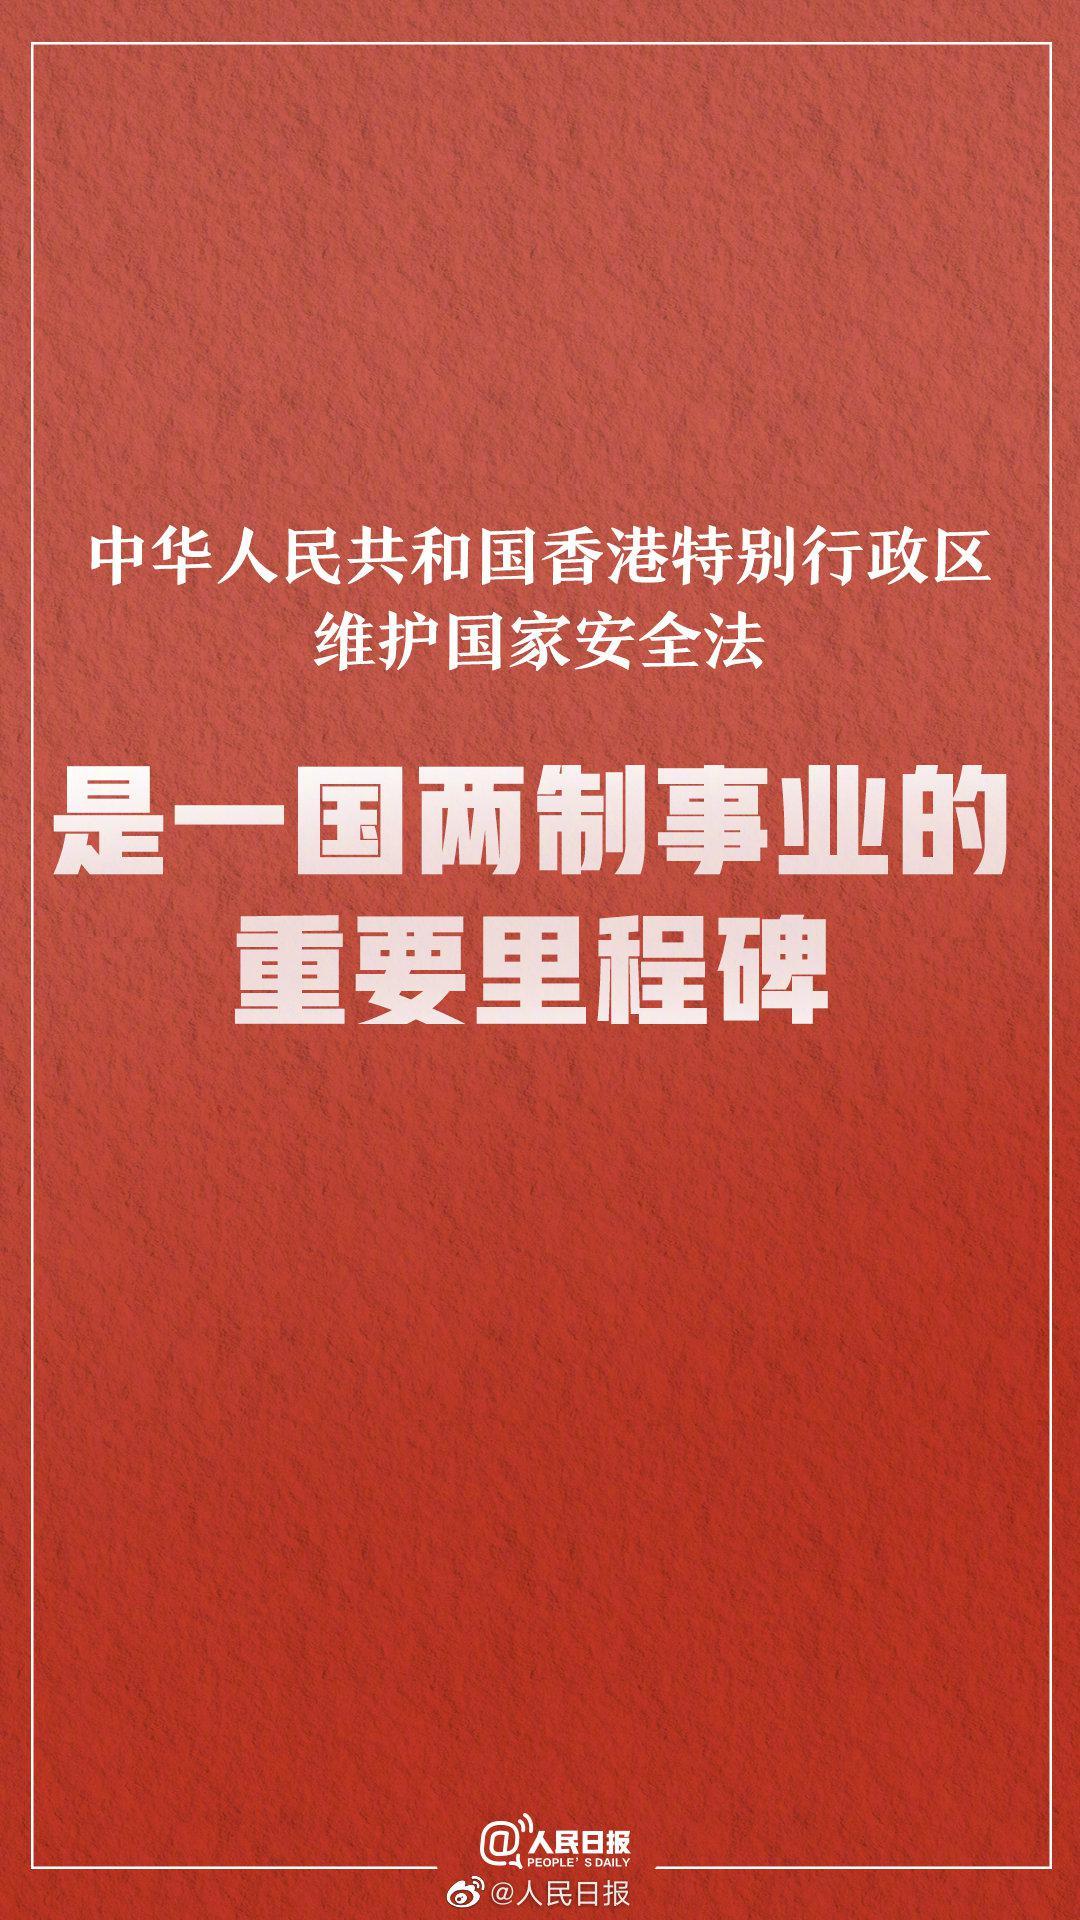 摩天登录区国安法是香港摩天登录繁荣稳图片